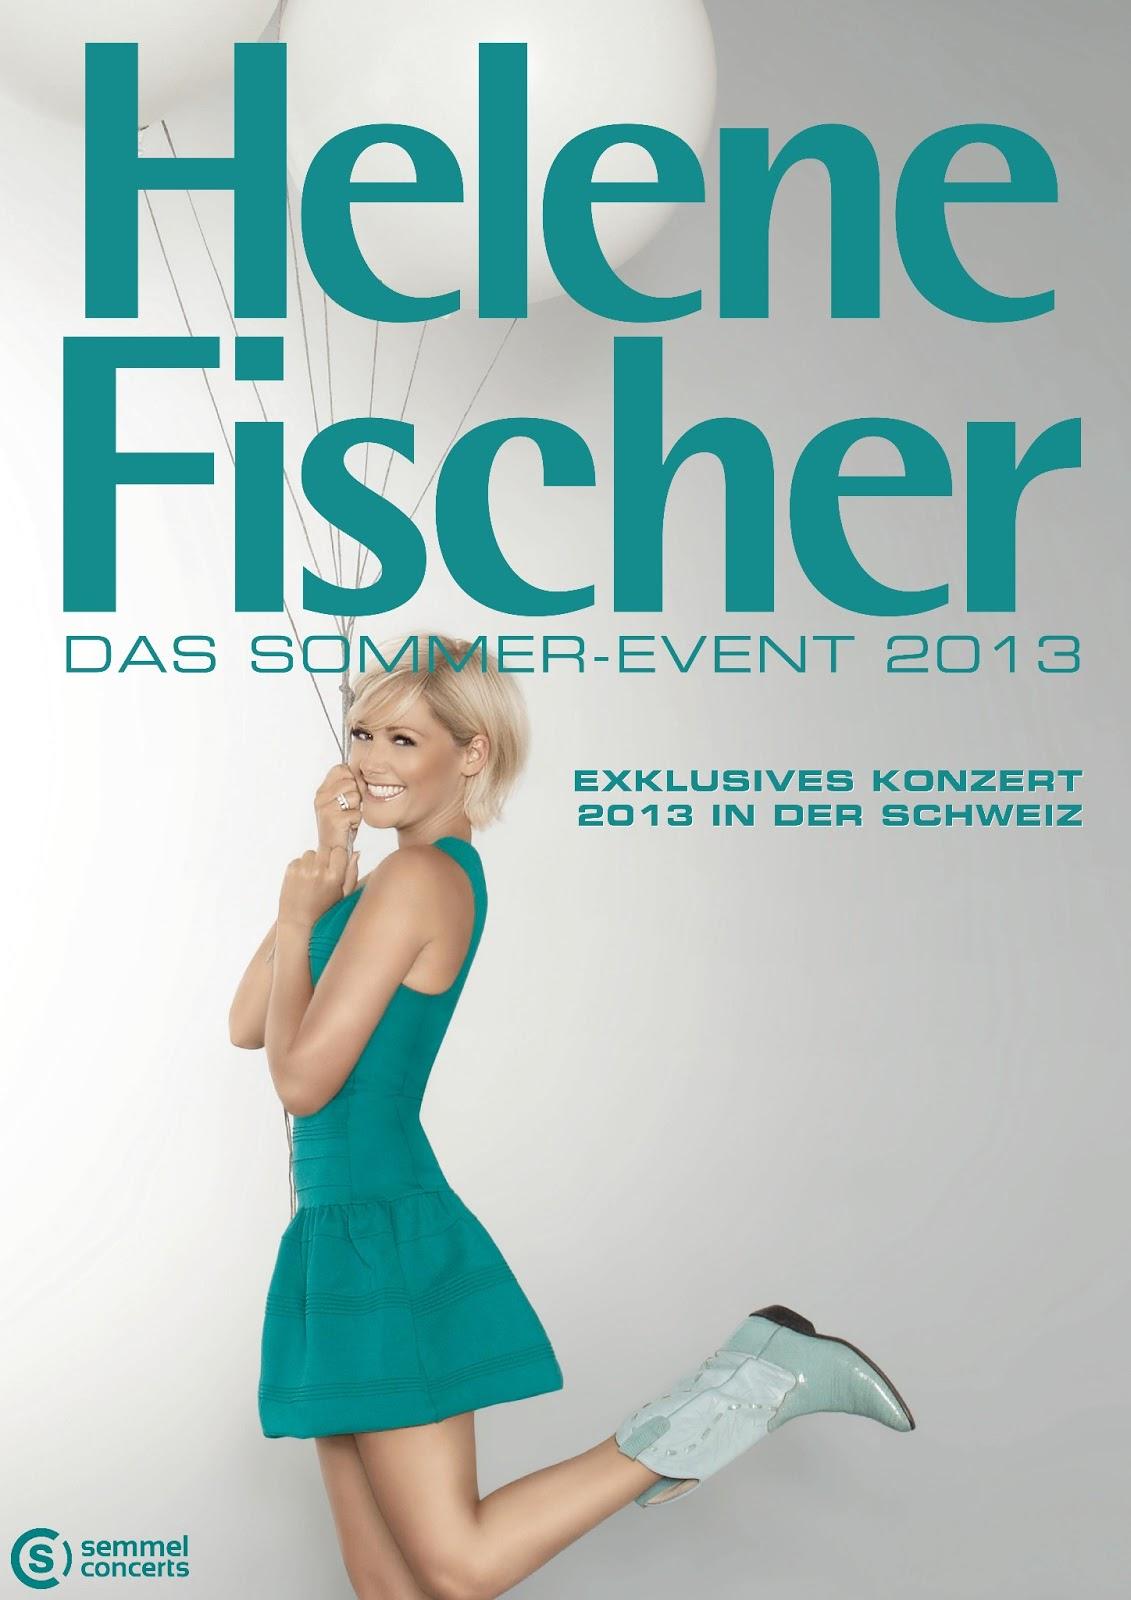 Miss Gossip Tour Kritik Helene Fischer Das Sommerevent 2013